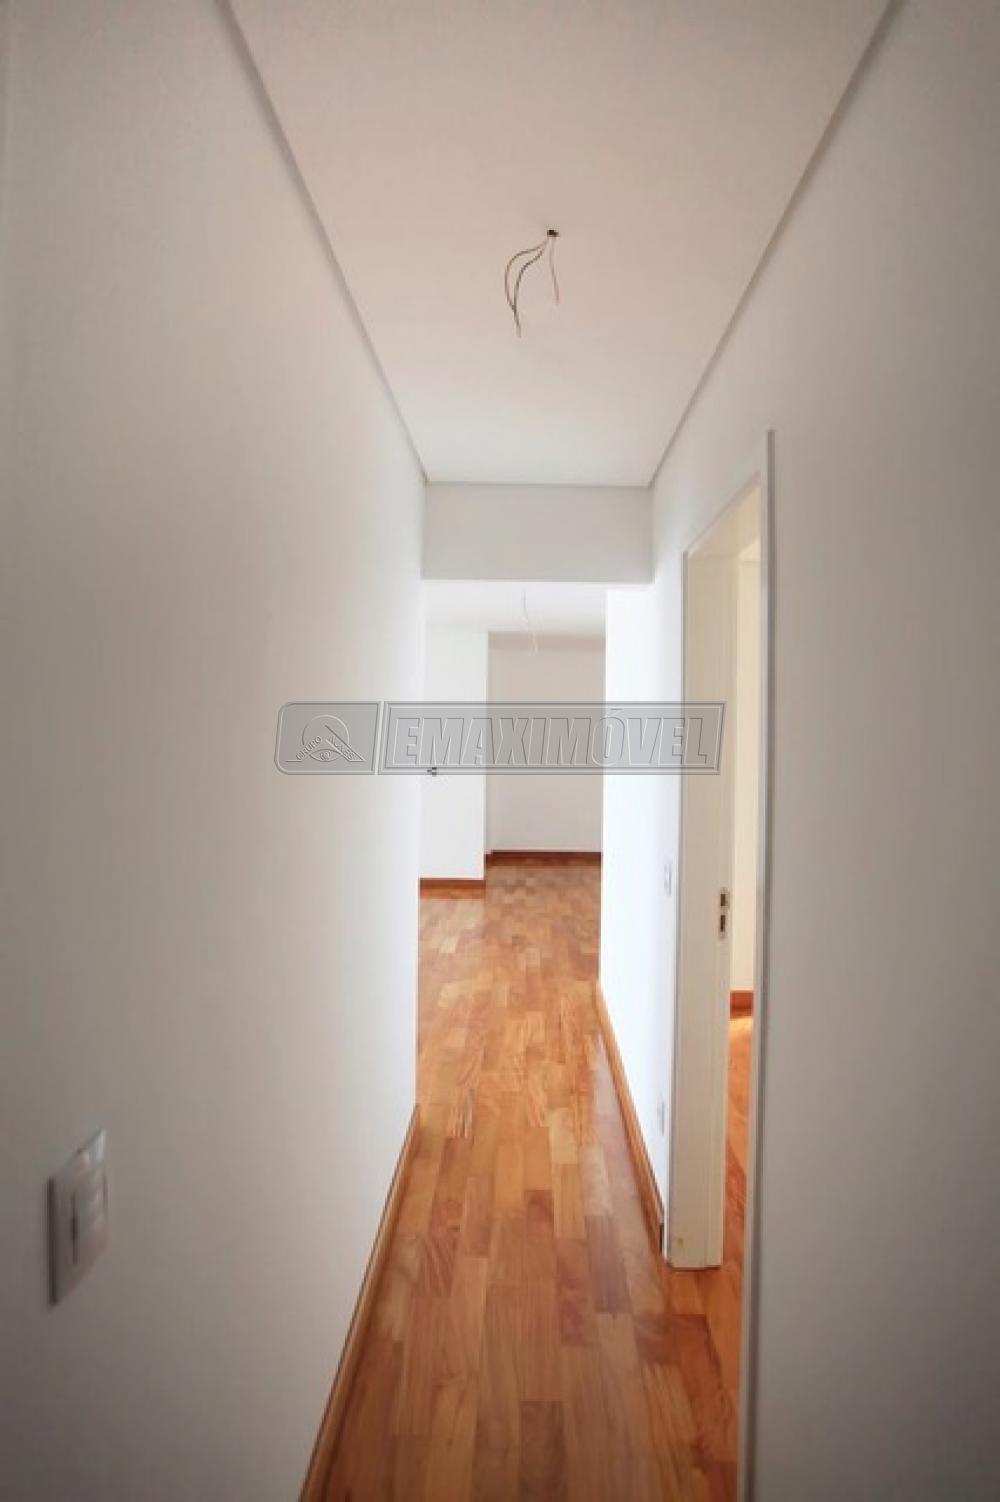 Comprar Apartamentos / Apto Padrão em Sorocaba apenas R$ 1.800.000,00 - Foto 11